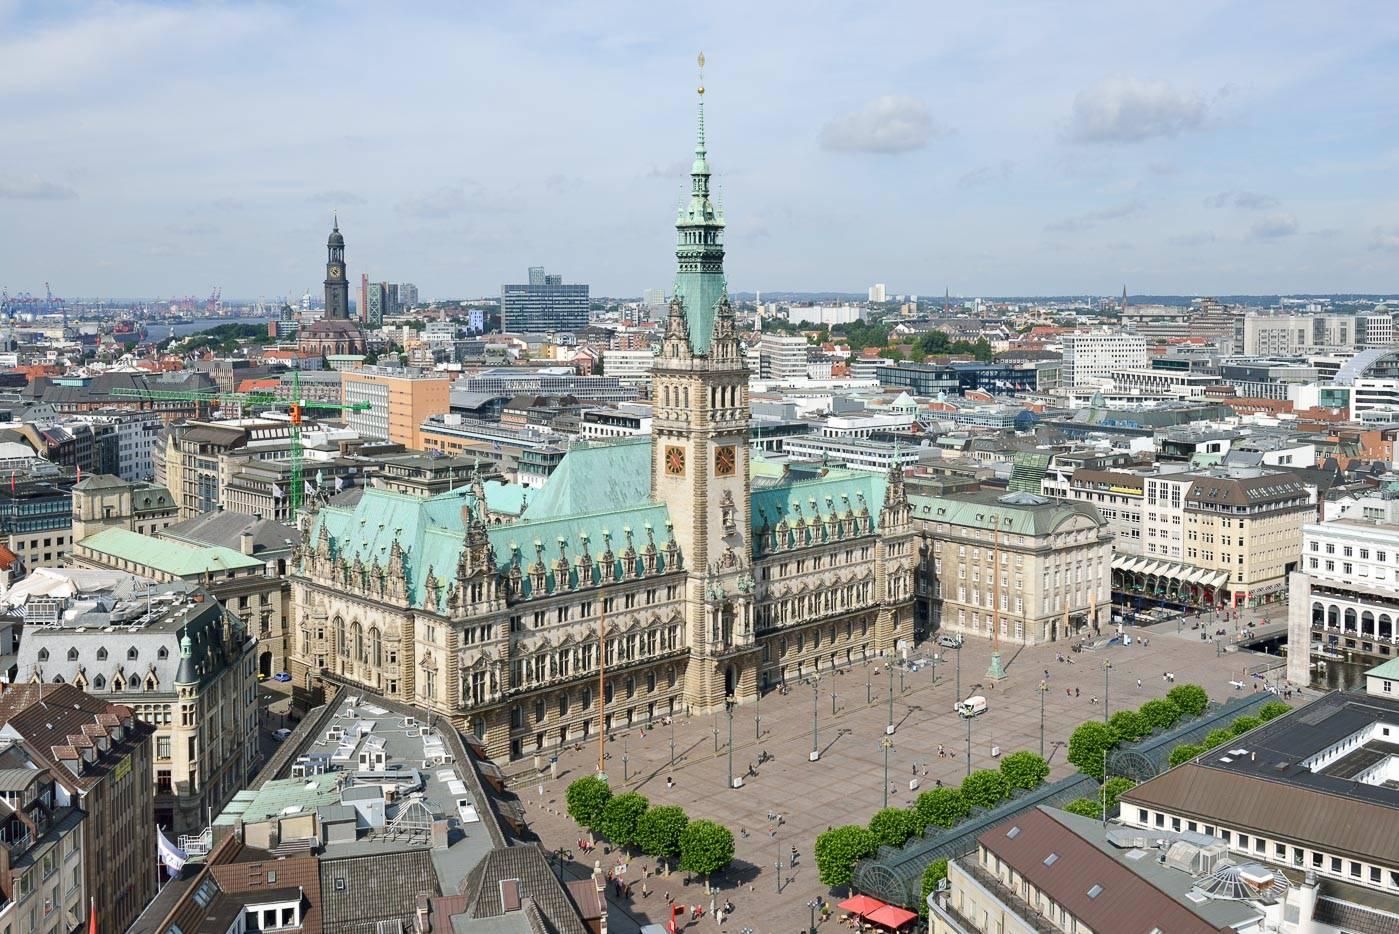 Знаменитые достопримечательности гамбурга: список, фото и описание   все достопримечательности